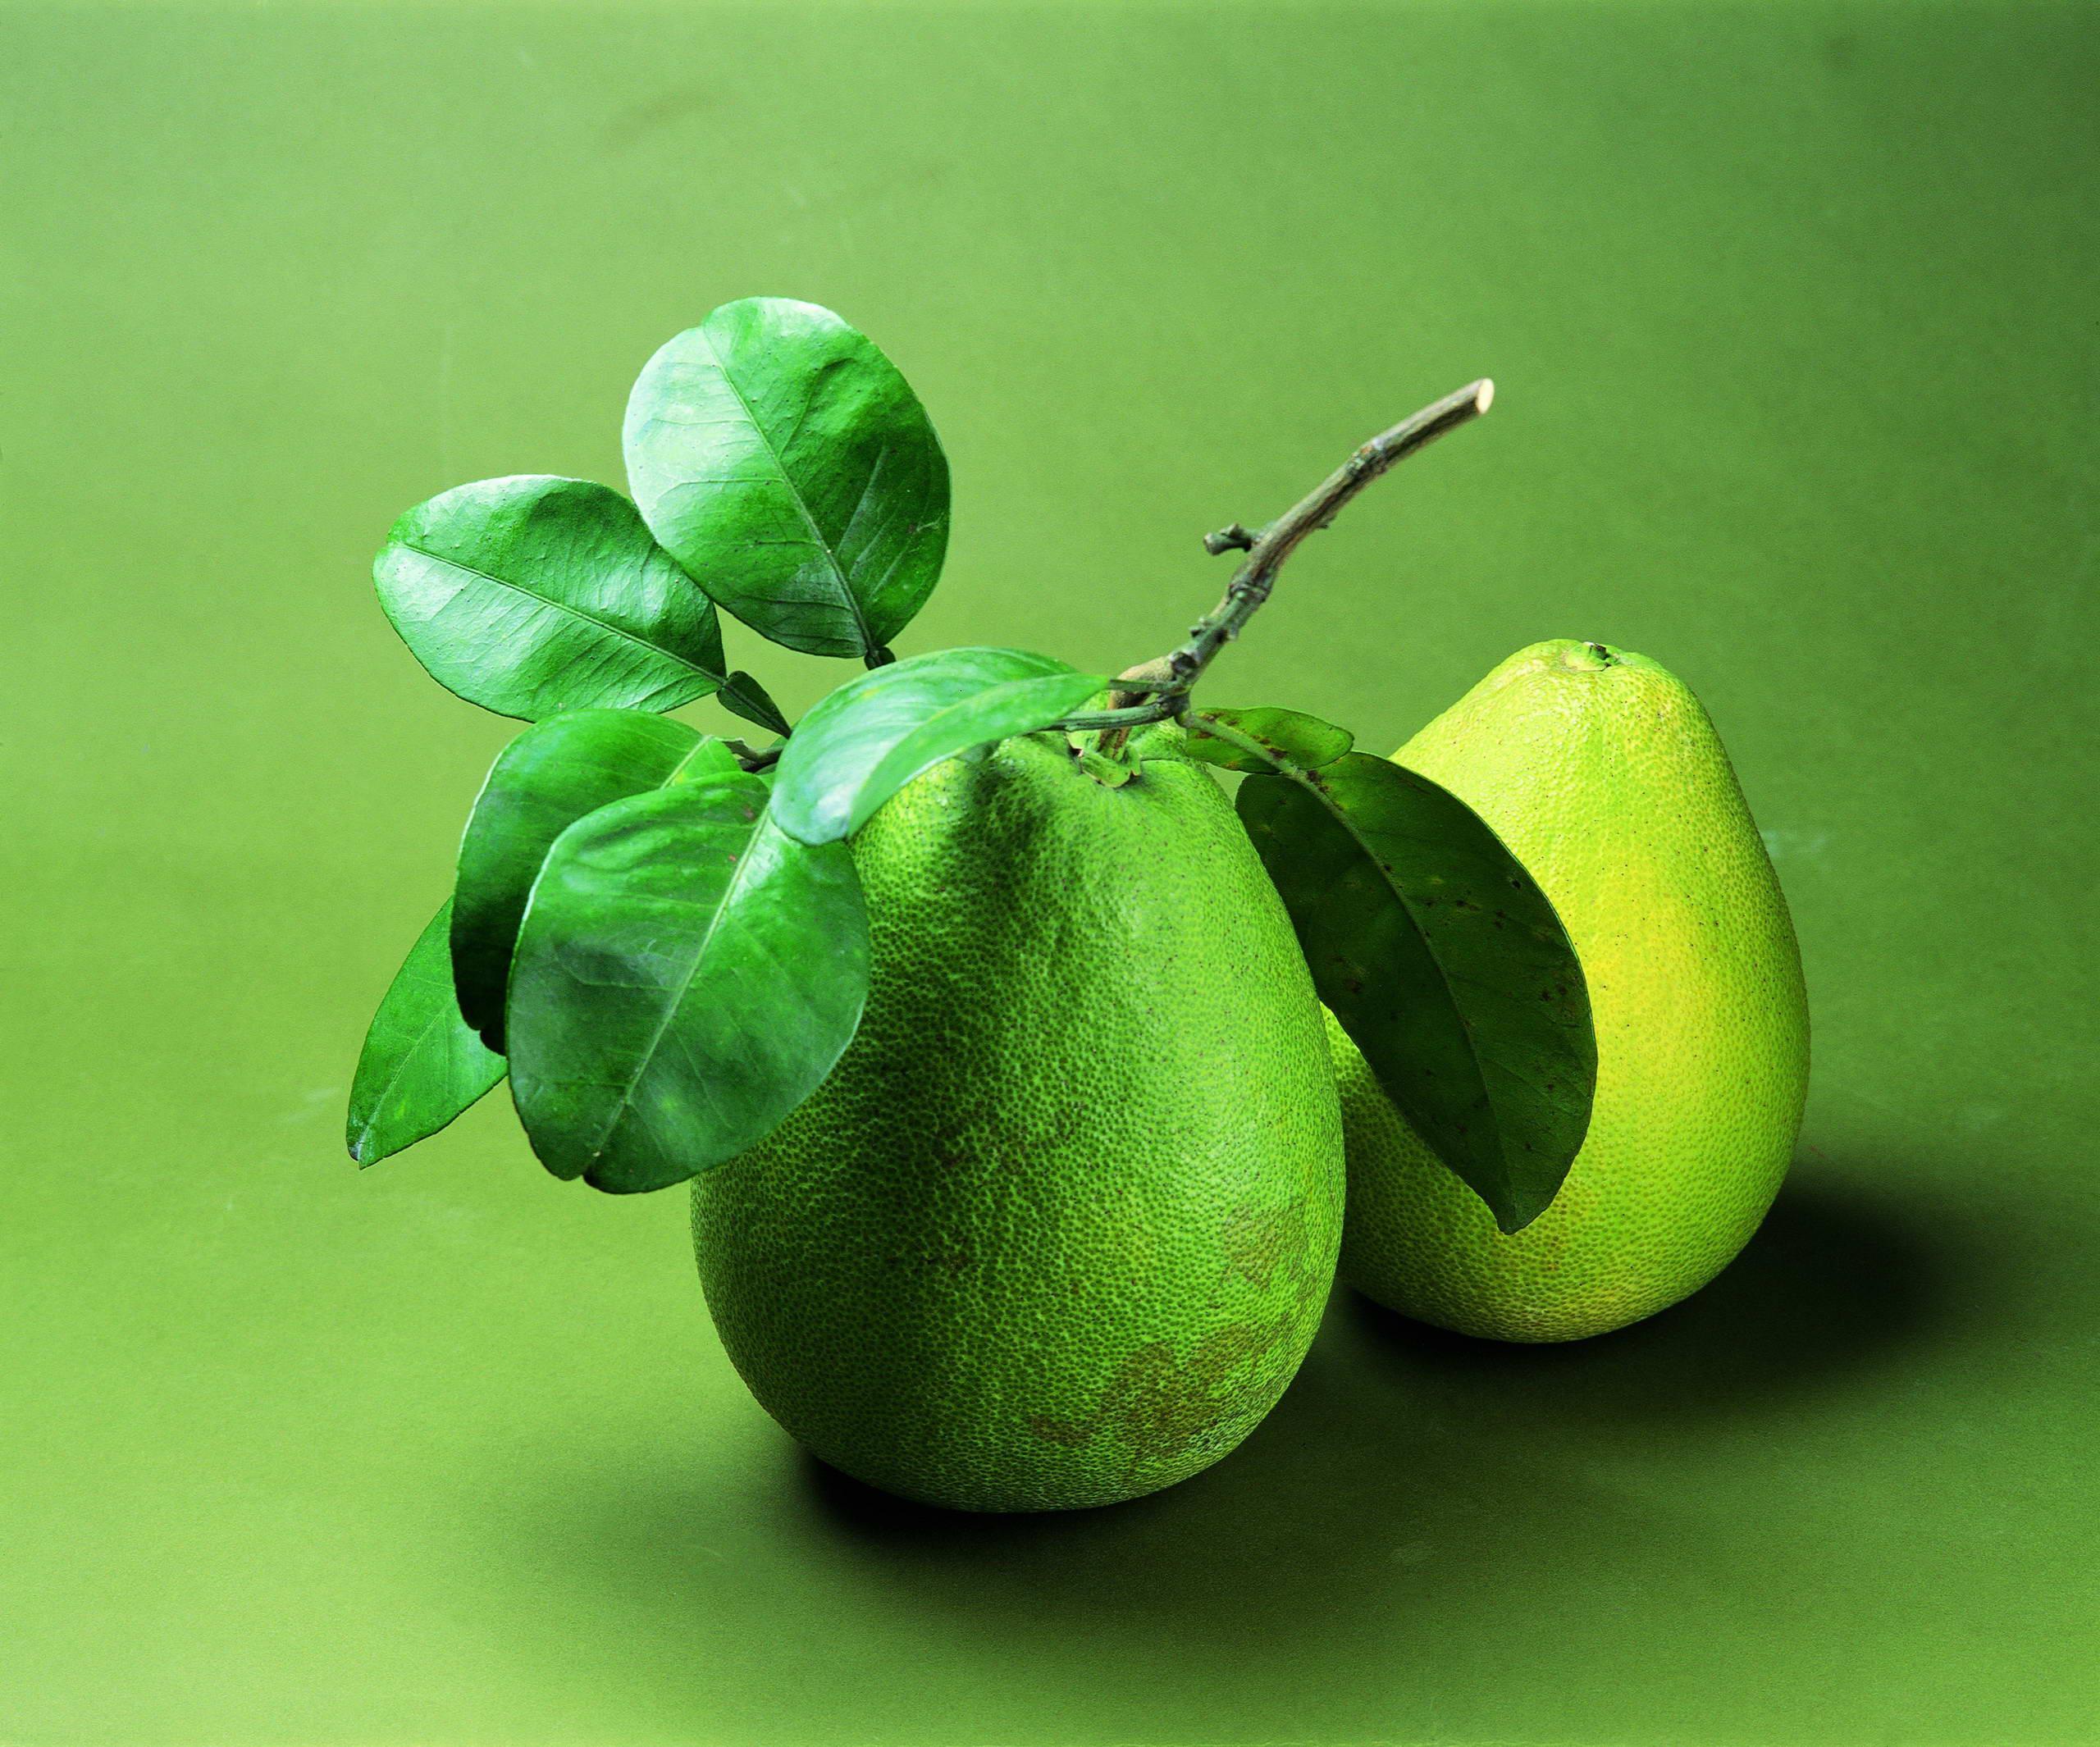 зеленые груши, фото, обои на рабочий стол